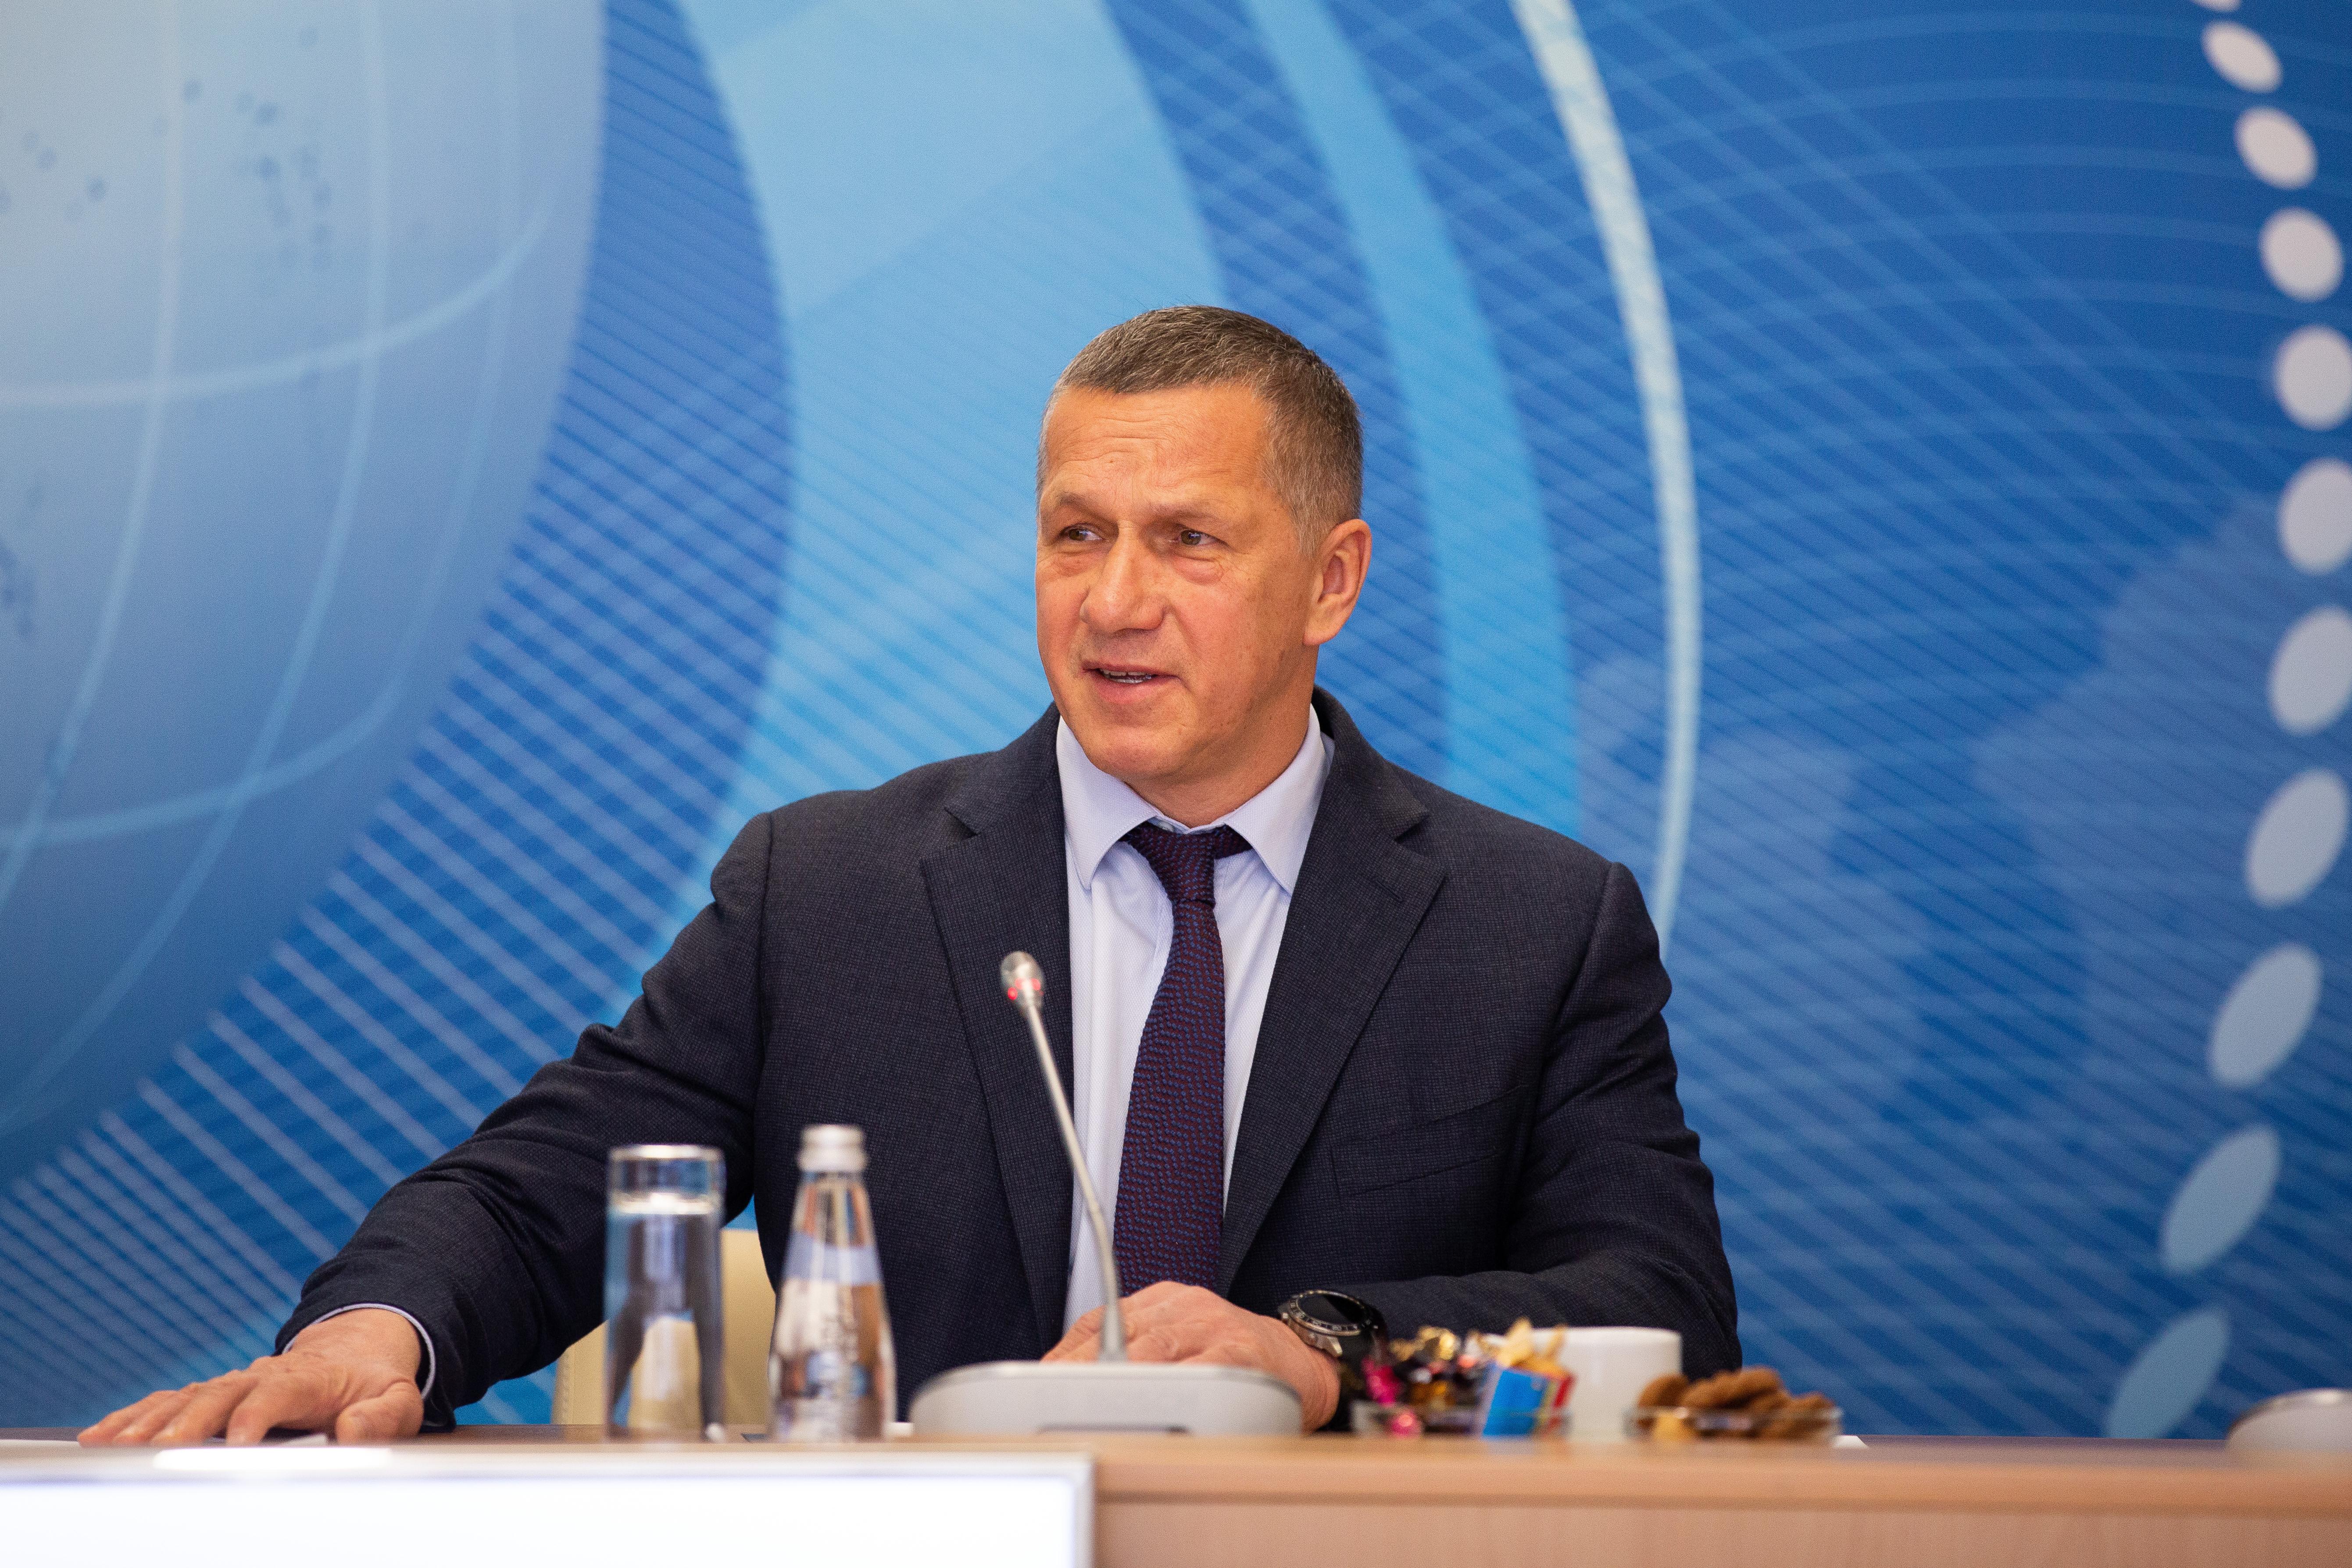 Эксперт: Трутнев переходит в «политическую атаку»